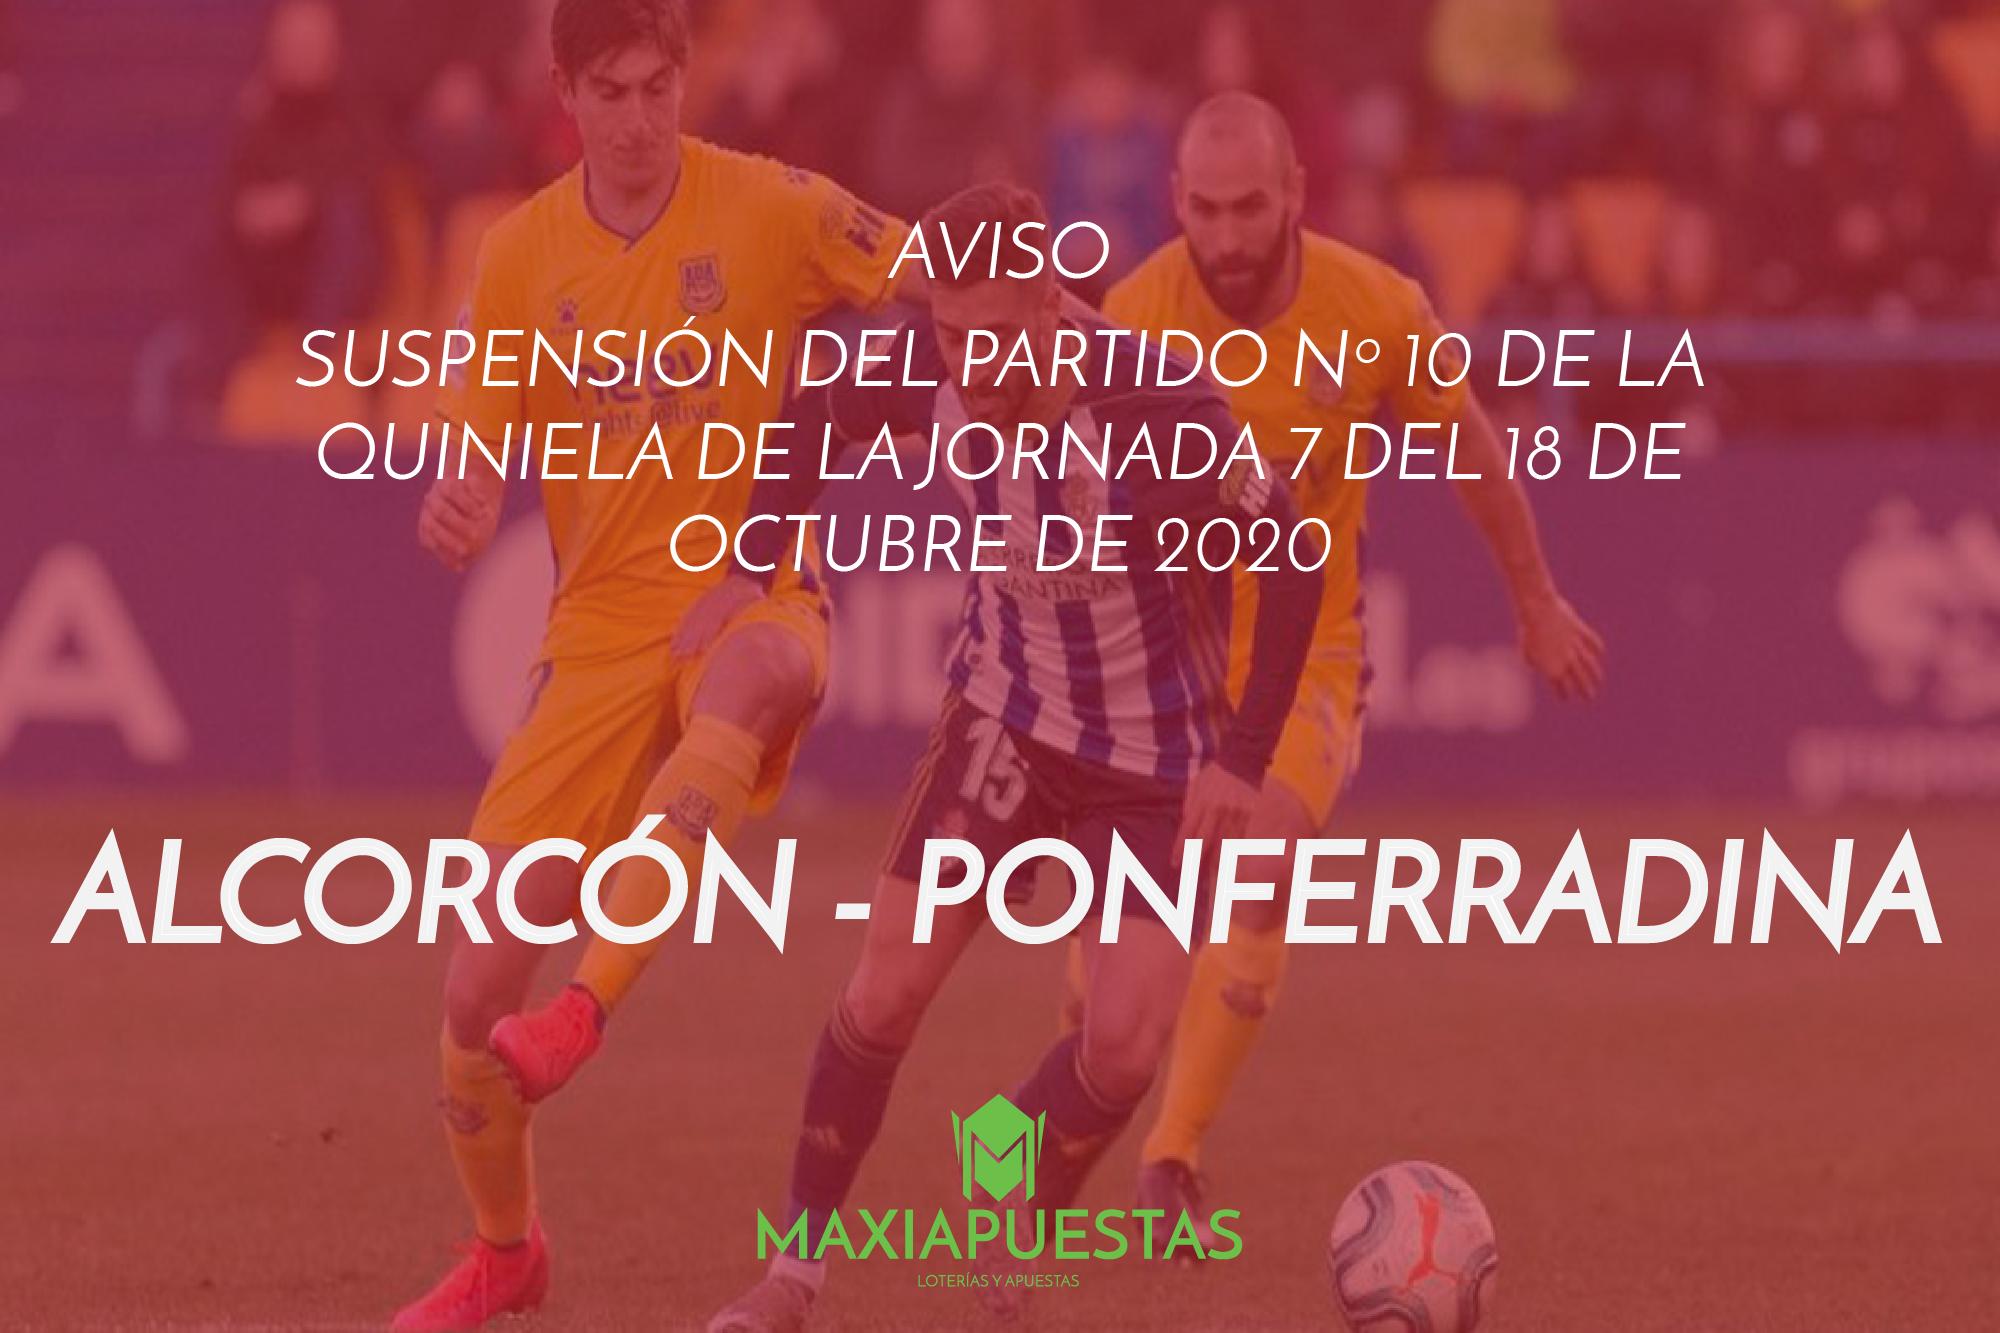 """Supensión del encuentro """"ALCORCÓN - PONFERRADINA"""""""